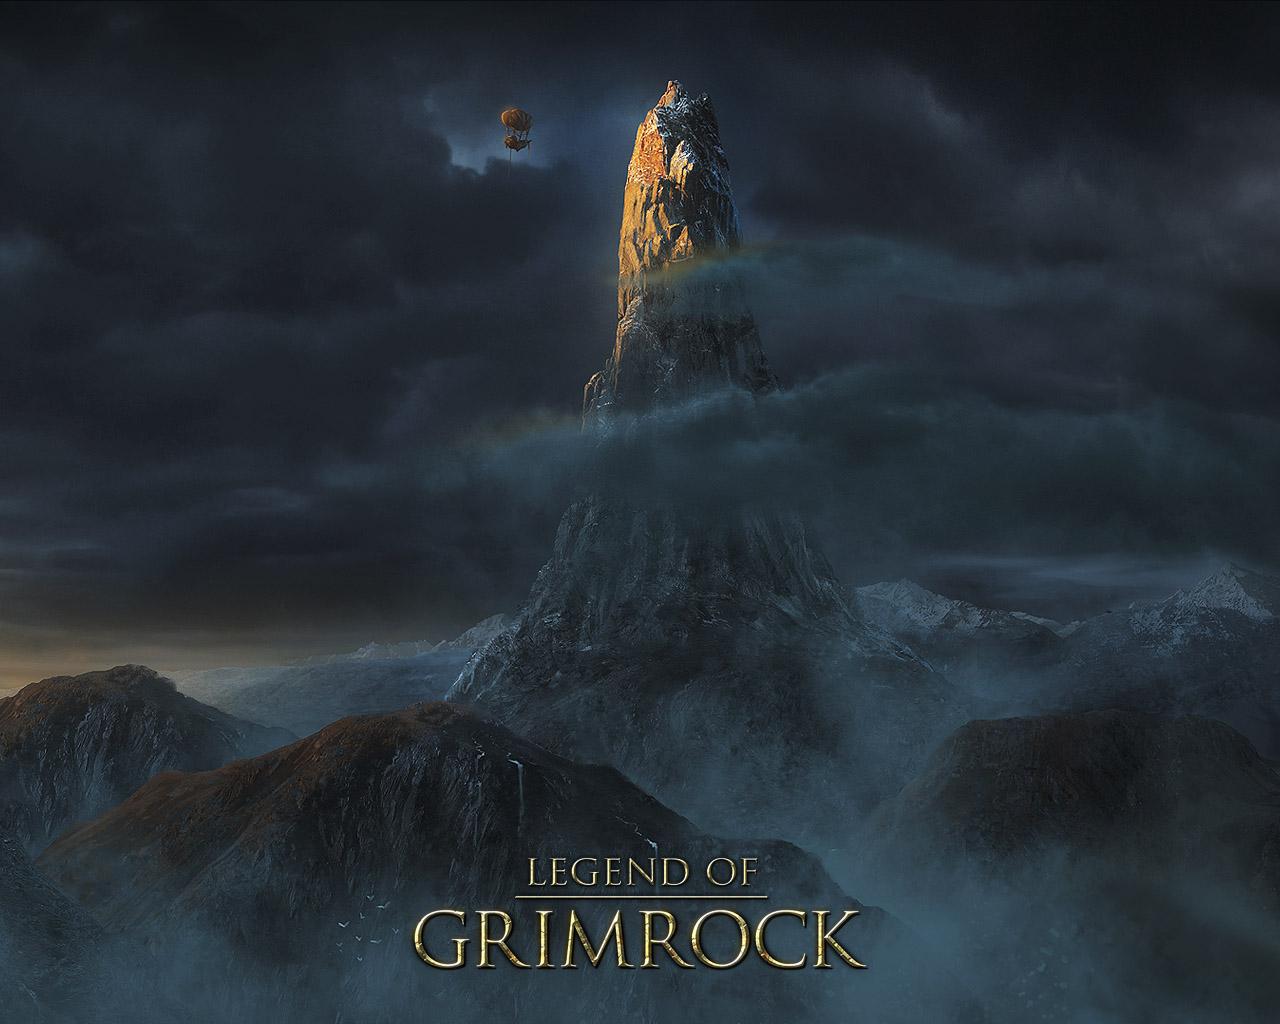 legend of grimrock portrait - photo #28